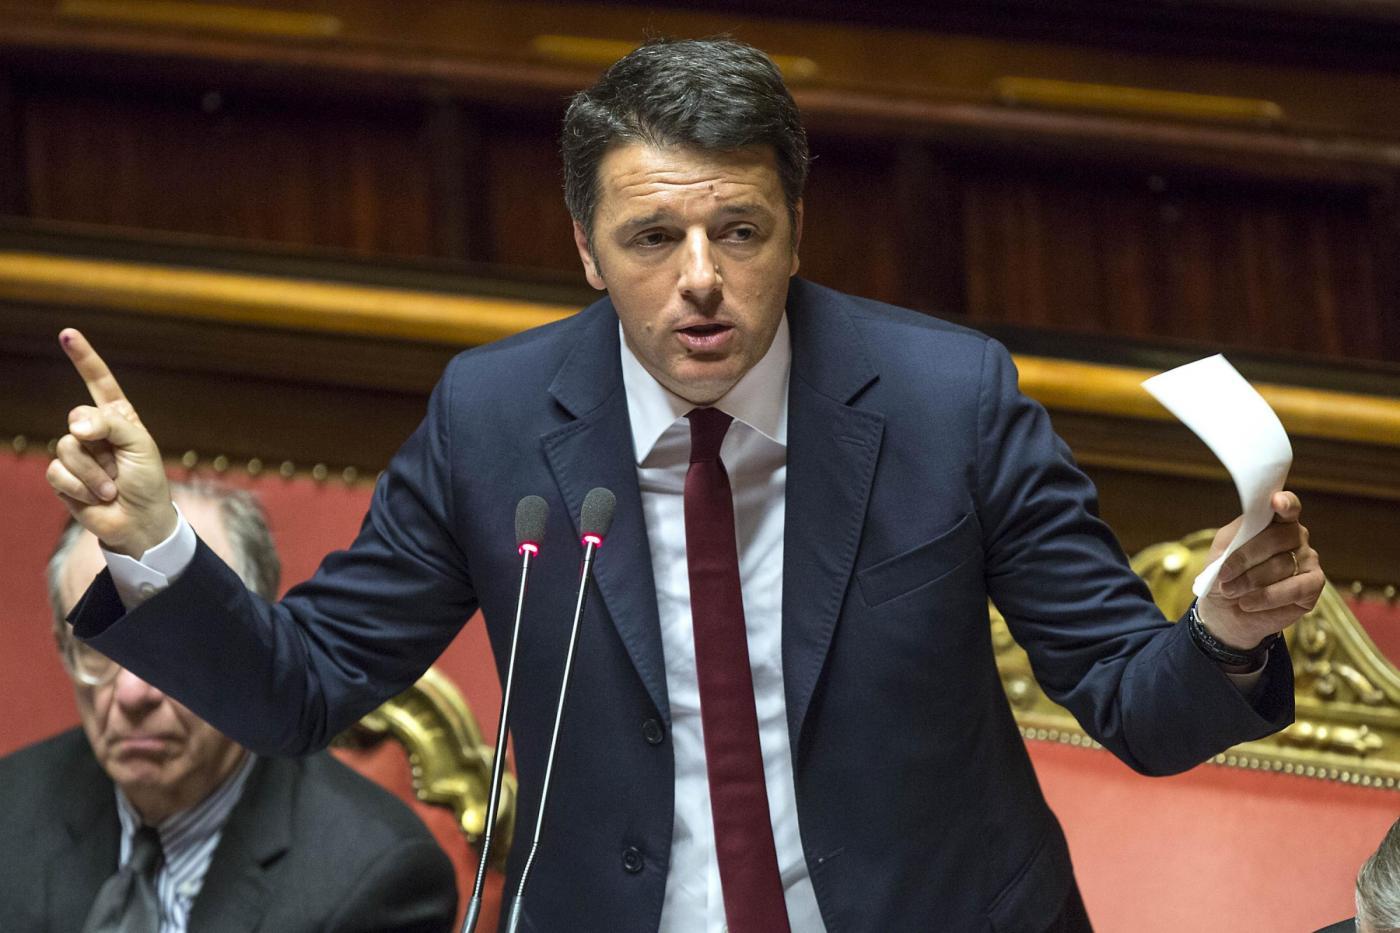 Intercettazioni, Renzi tentato dalla riforma anti-giustizialista